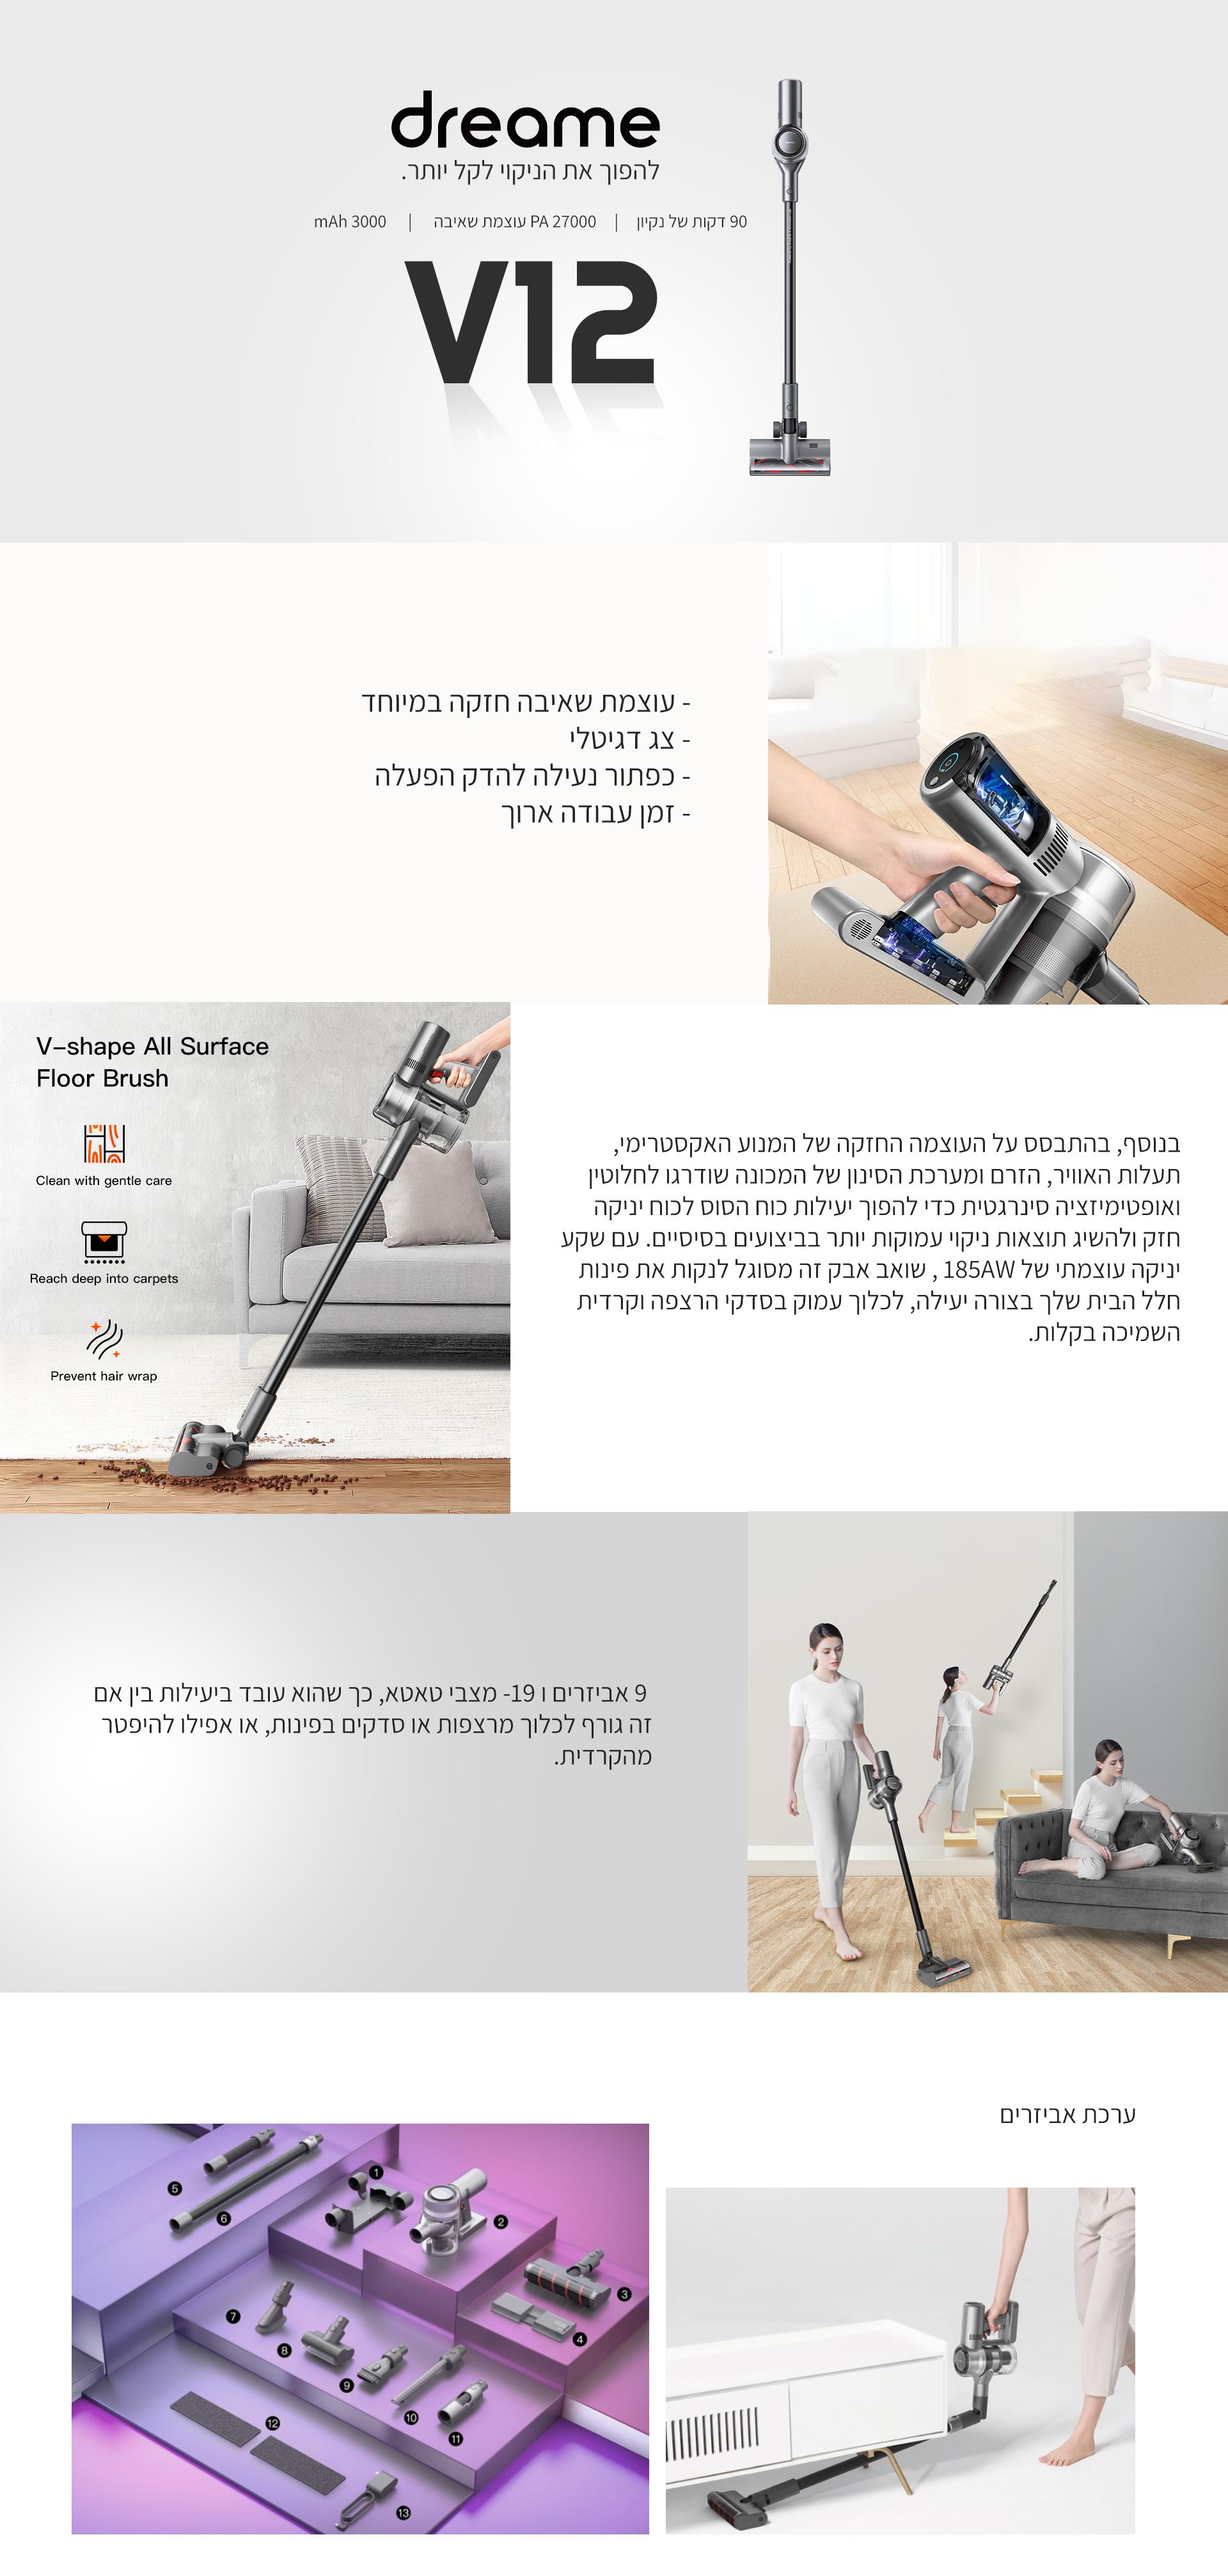 שואב אבק אלחוטי נטען - Dreame V12 אחריות יבואן רישמי 24 חודשים מבית שיאומי יבוא מקביל | שואבי אבק אלחוטיים של Xiaomi הכי זולים בארץ! 25